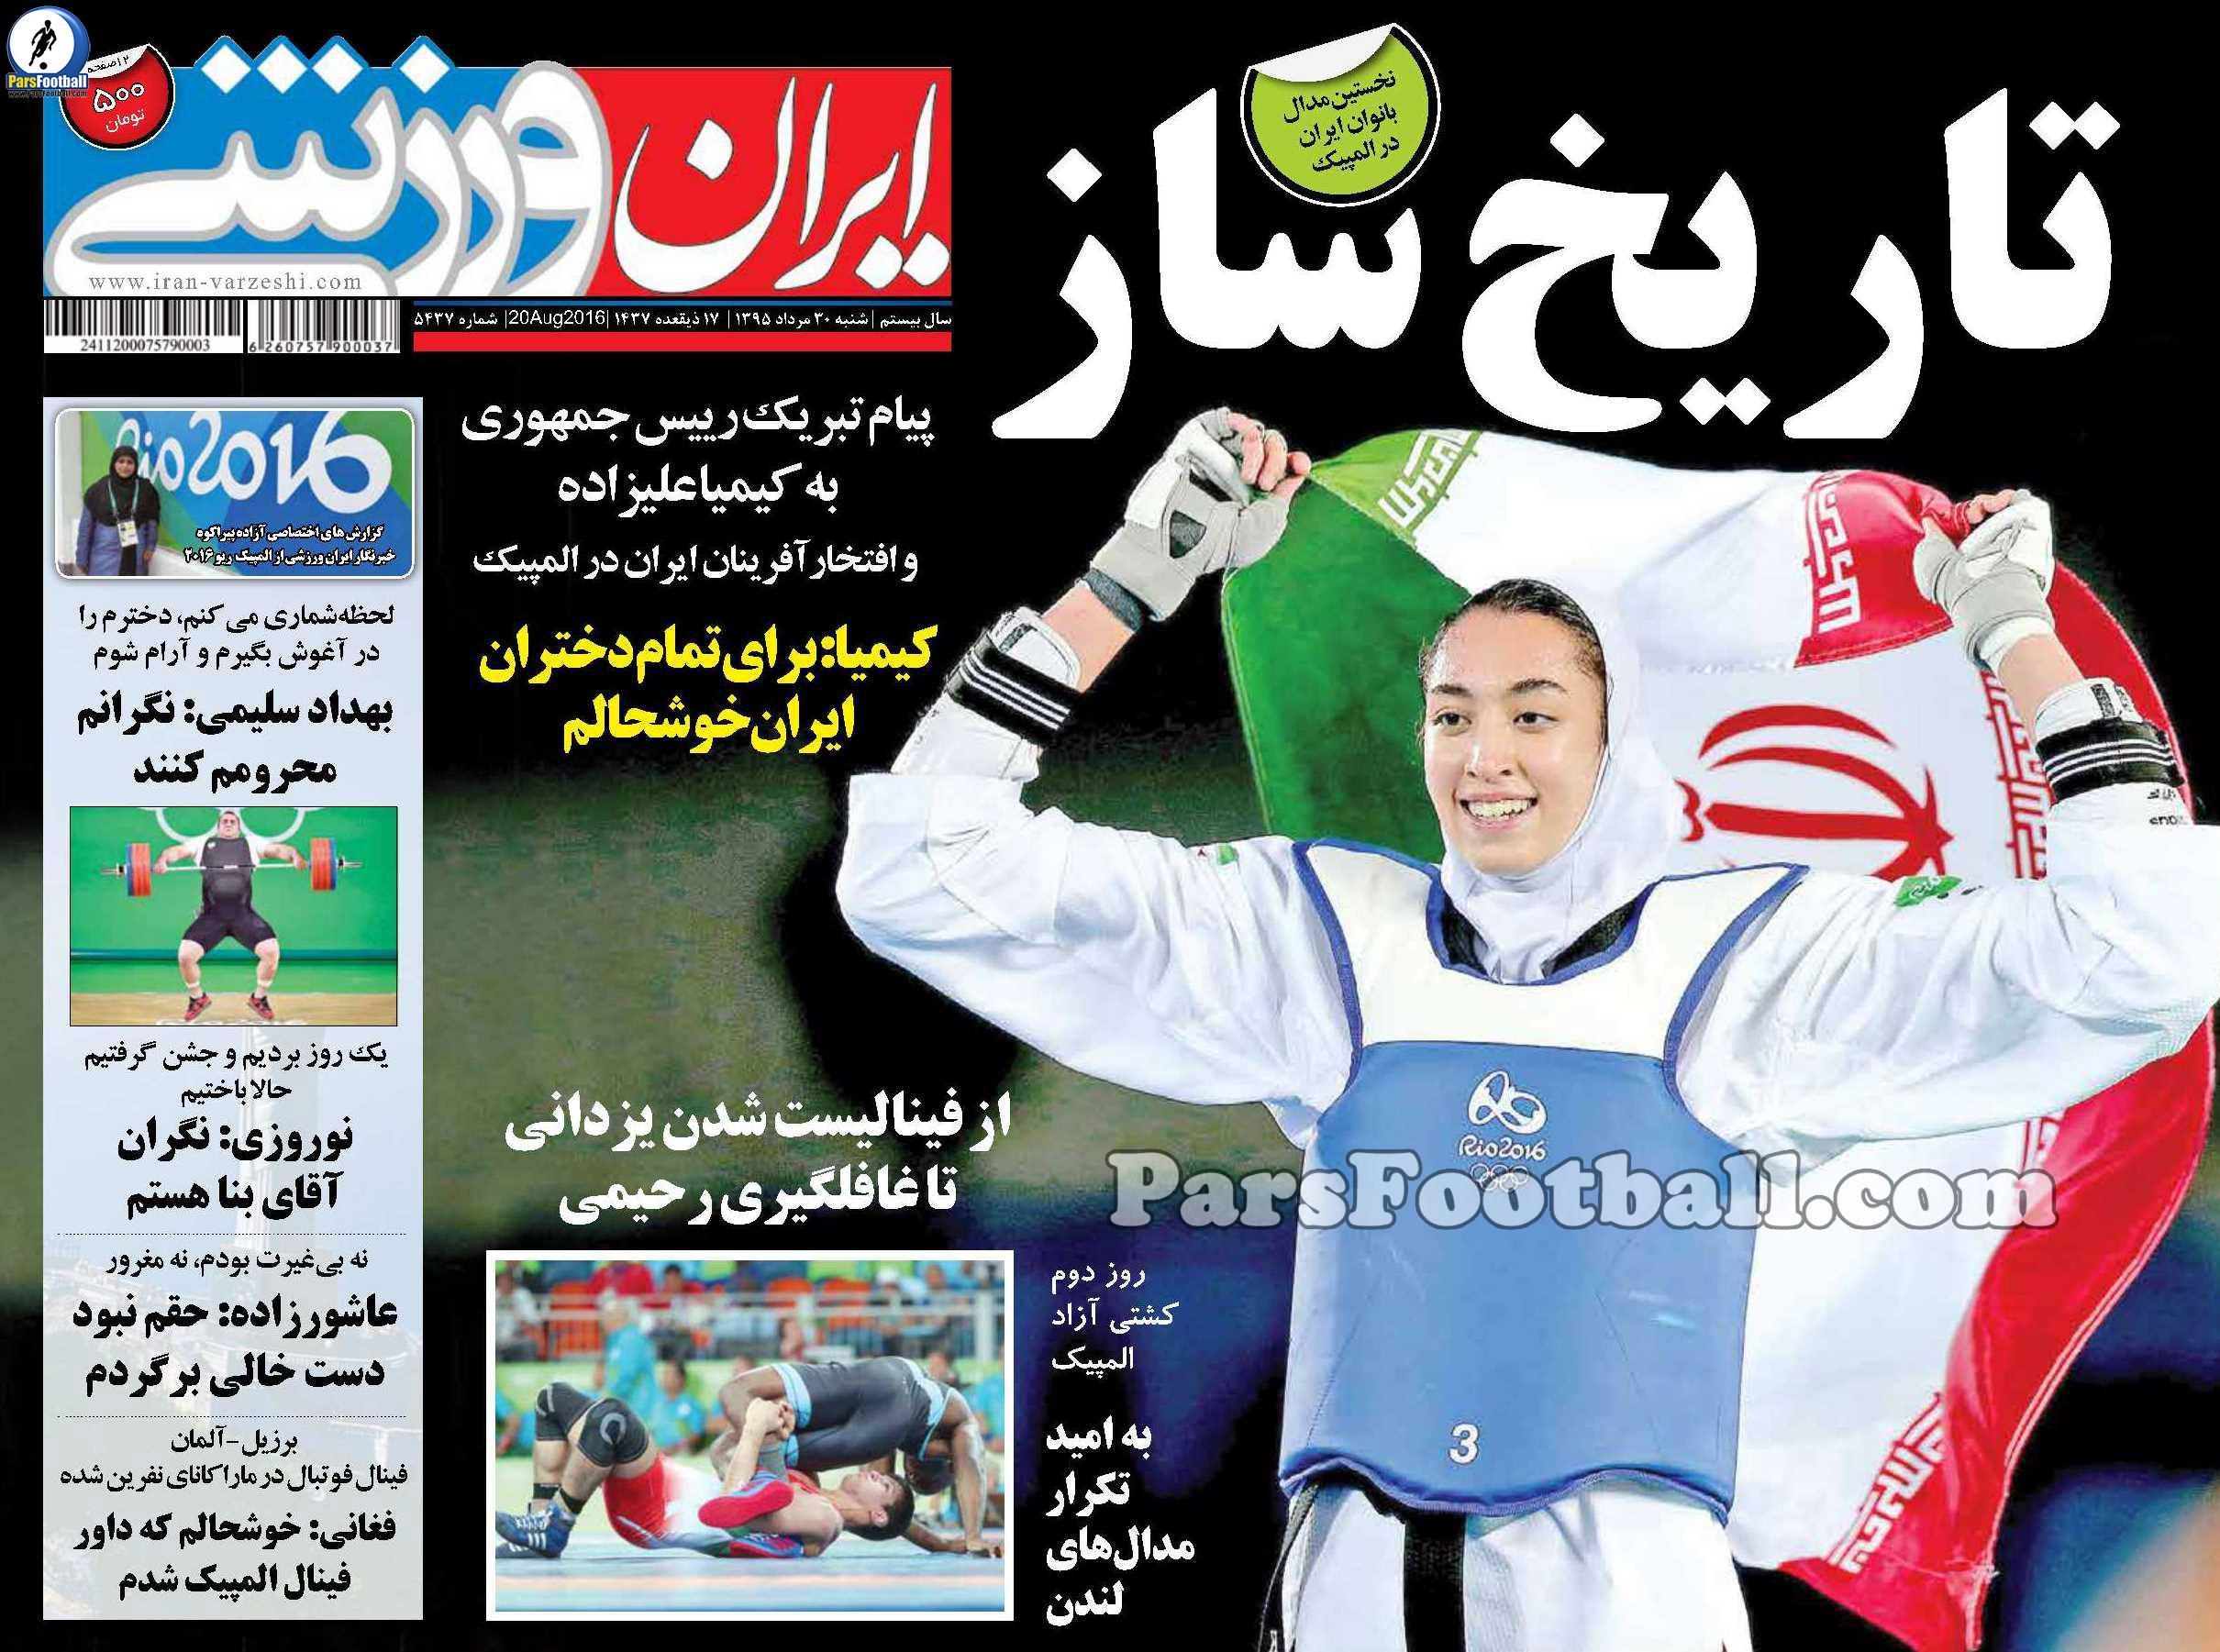 روزنامه ایران ورزشی شنبه 30 مرداد 95